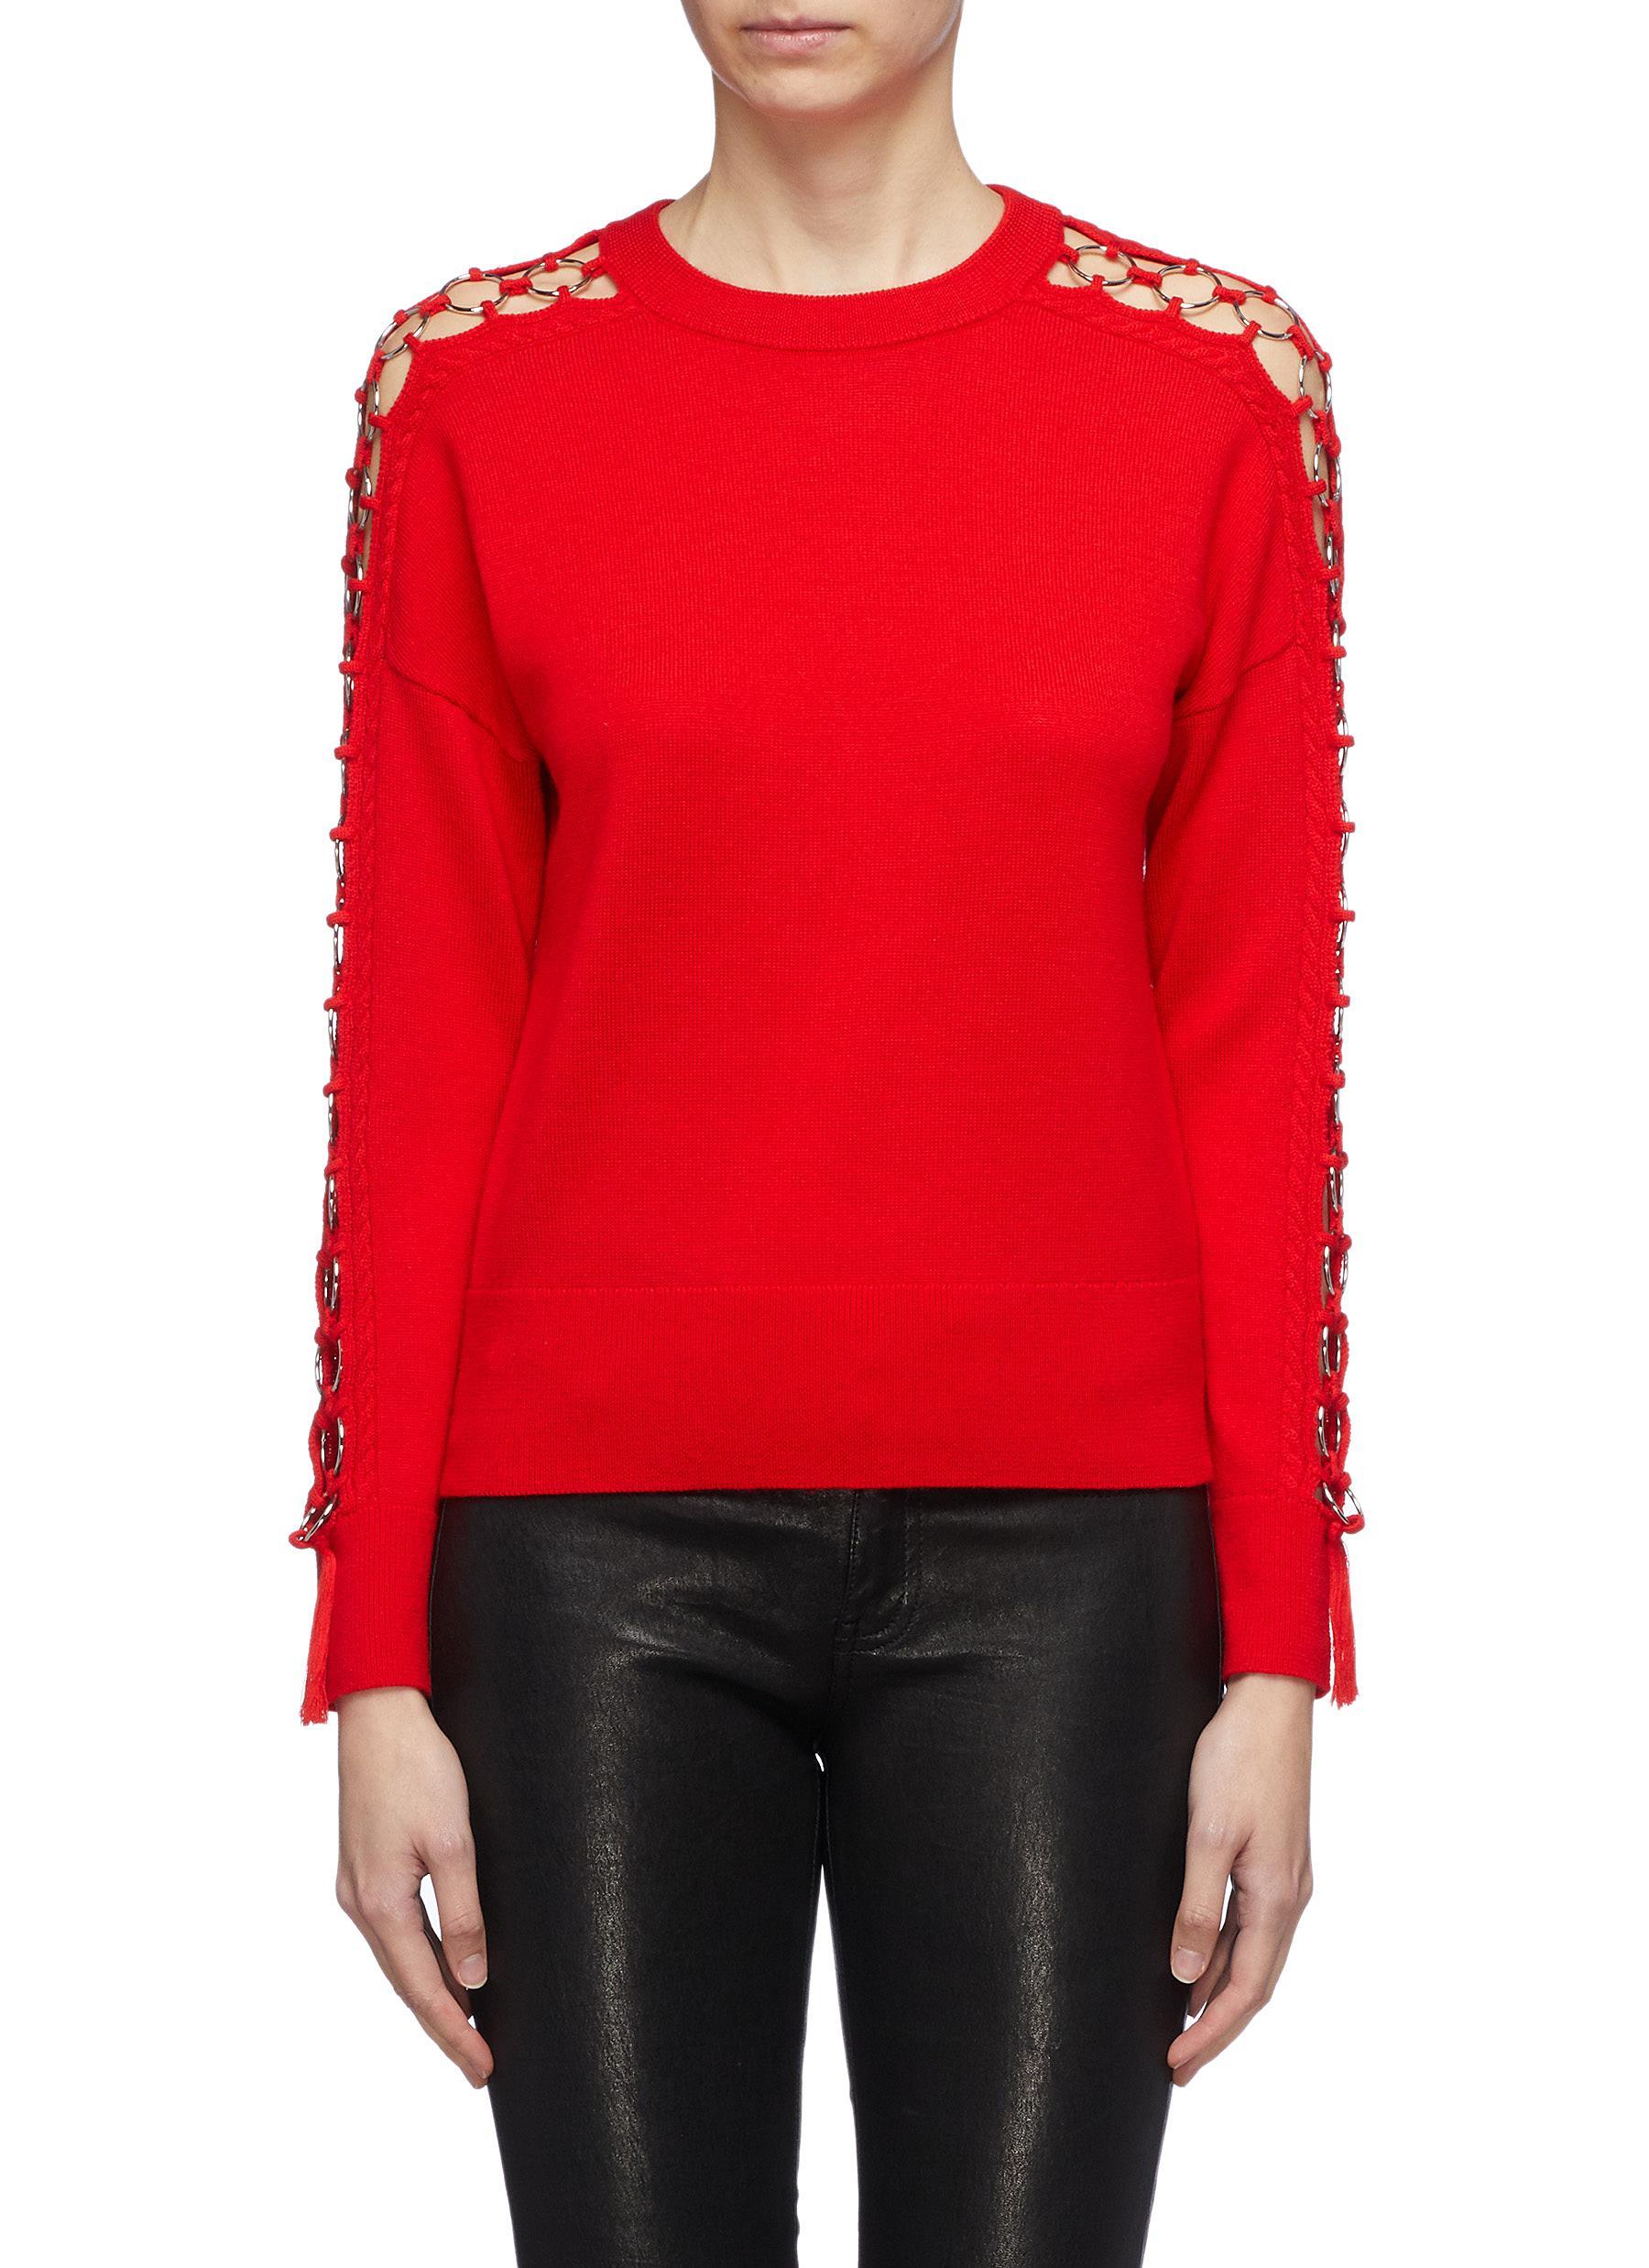 Metal ring cutout sleeve wool sweater by Jonathan Simkhai